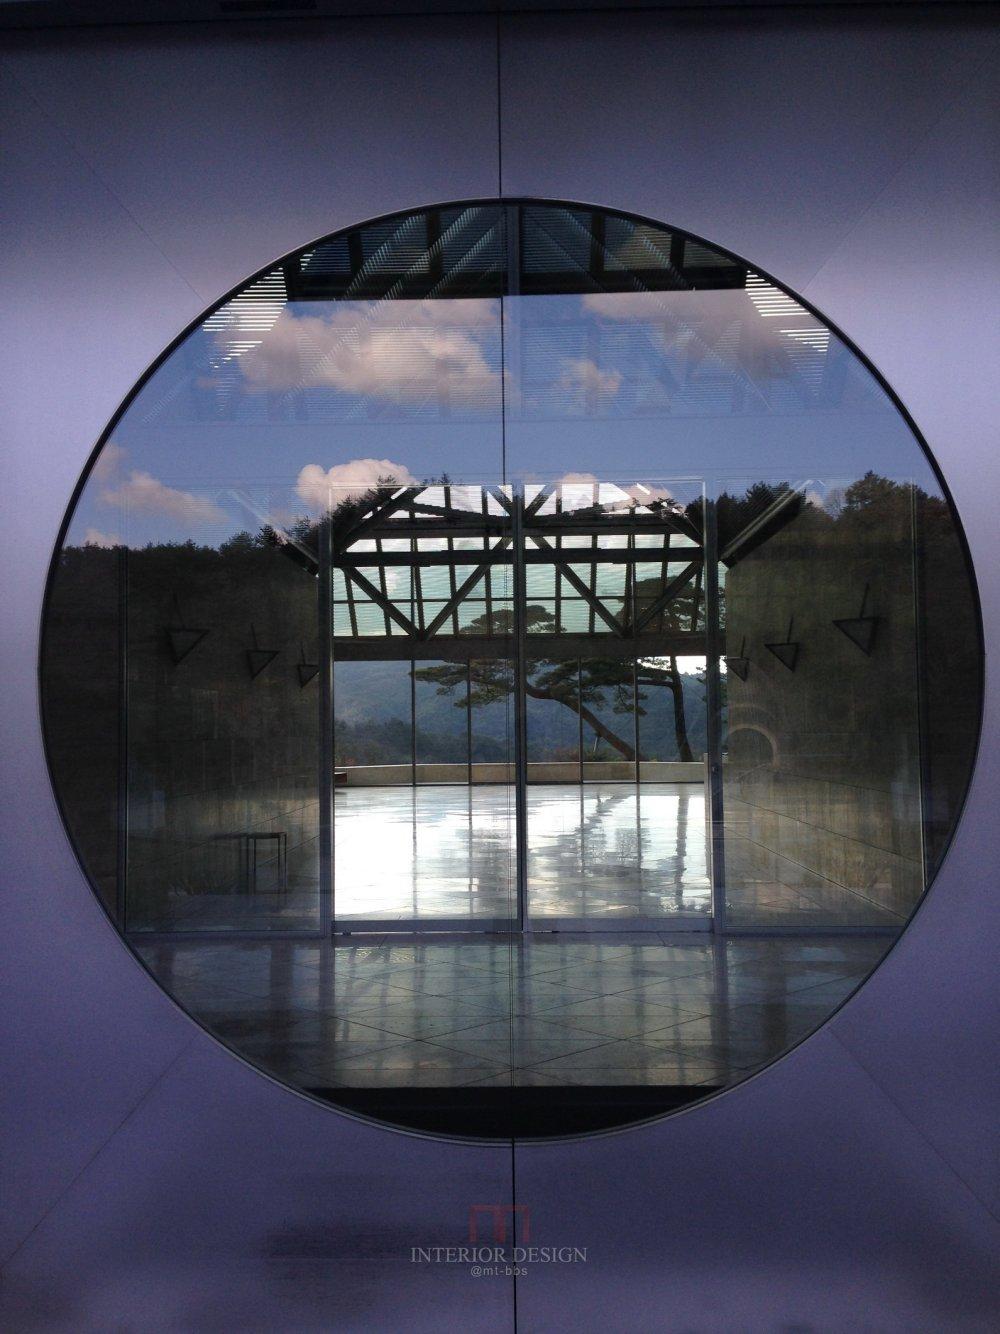 日本美秀美术馆MIHO MUSEUM自拍分享-贝聿铭_IMG_7229.JPG